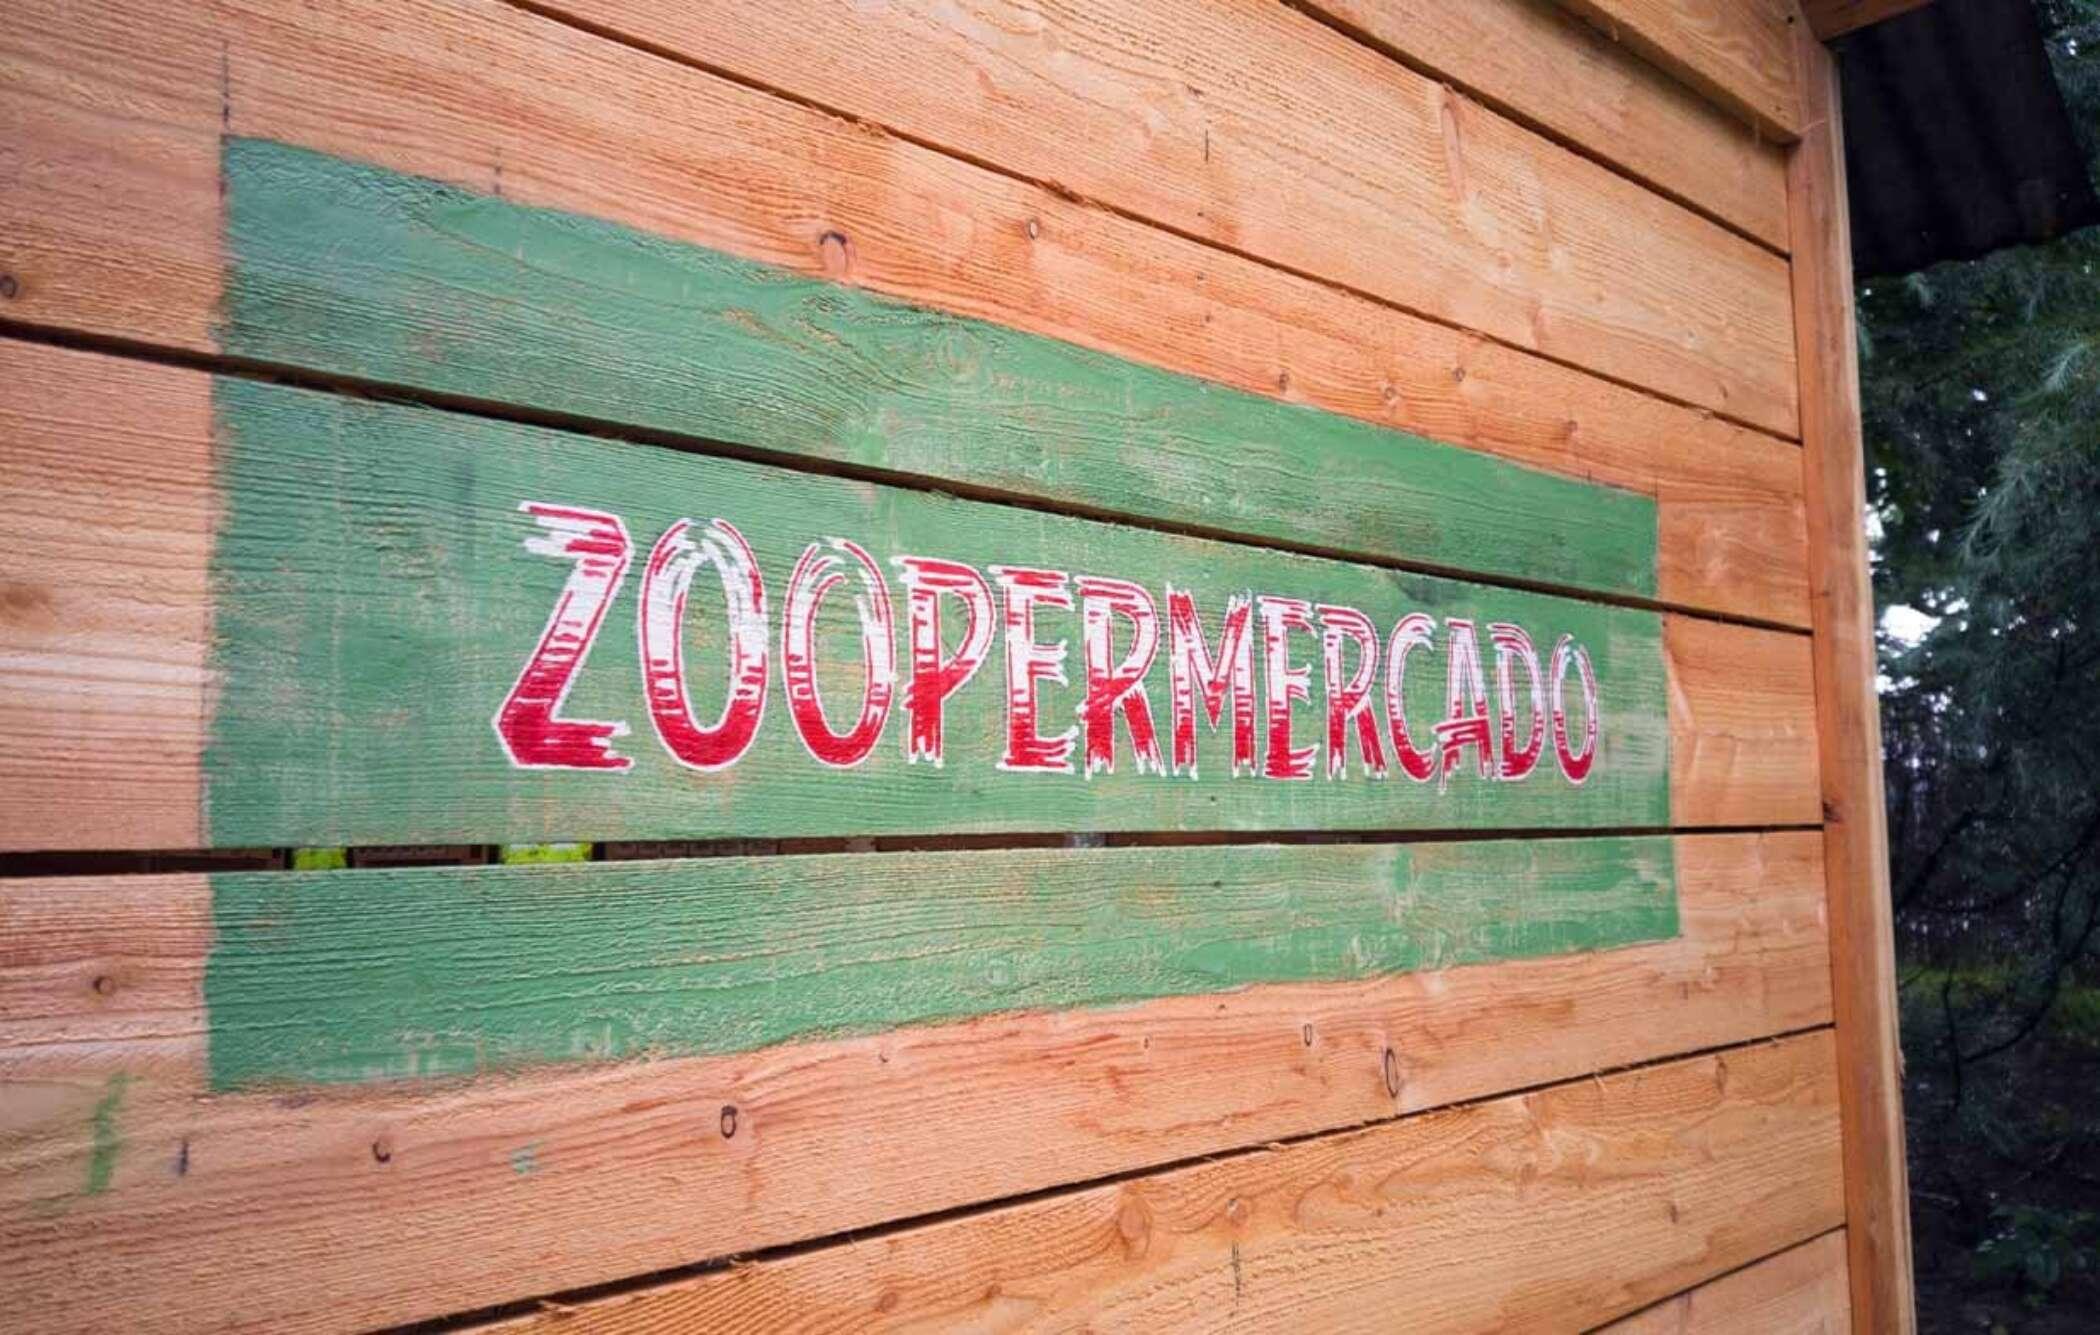 Zoopermercado 01 0007 IMG 20210713 101107bw